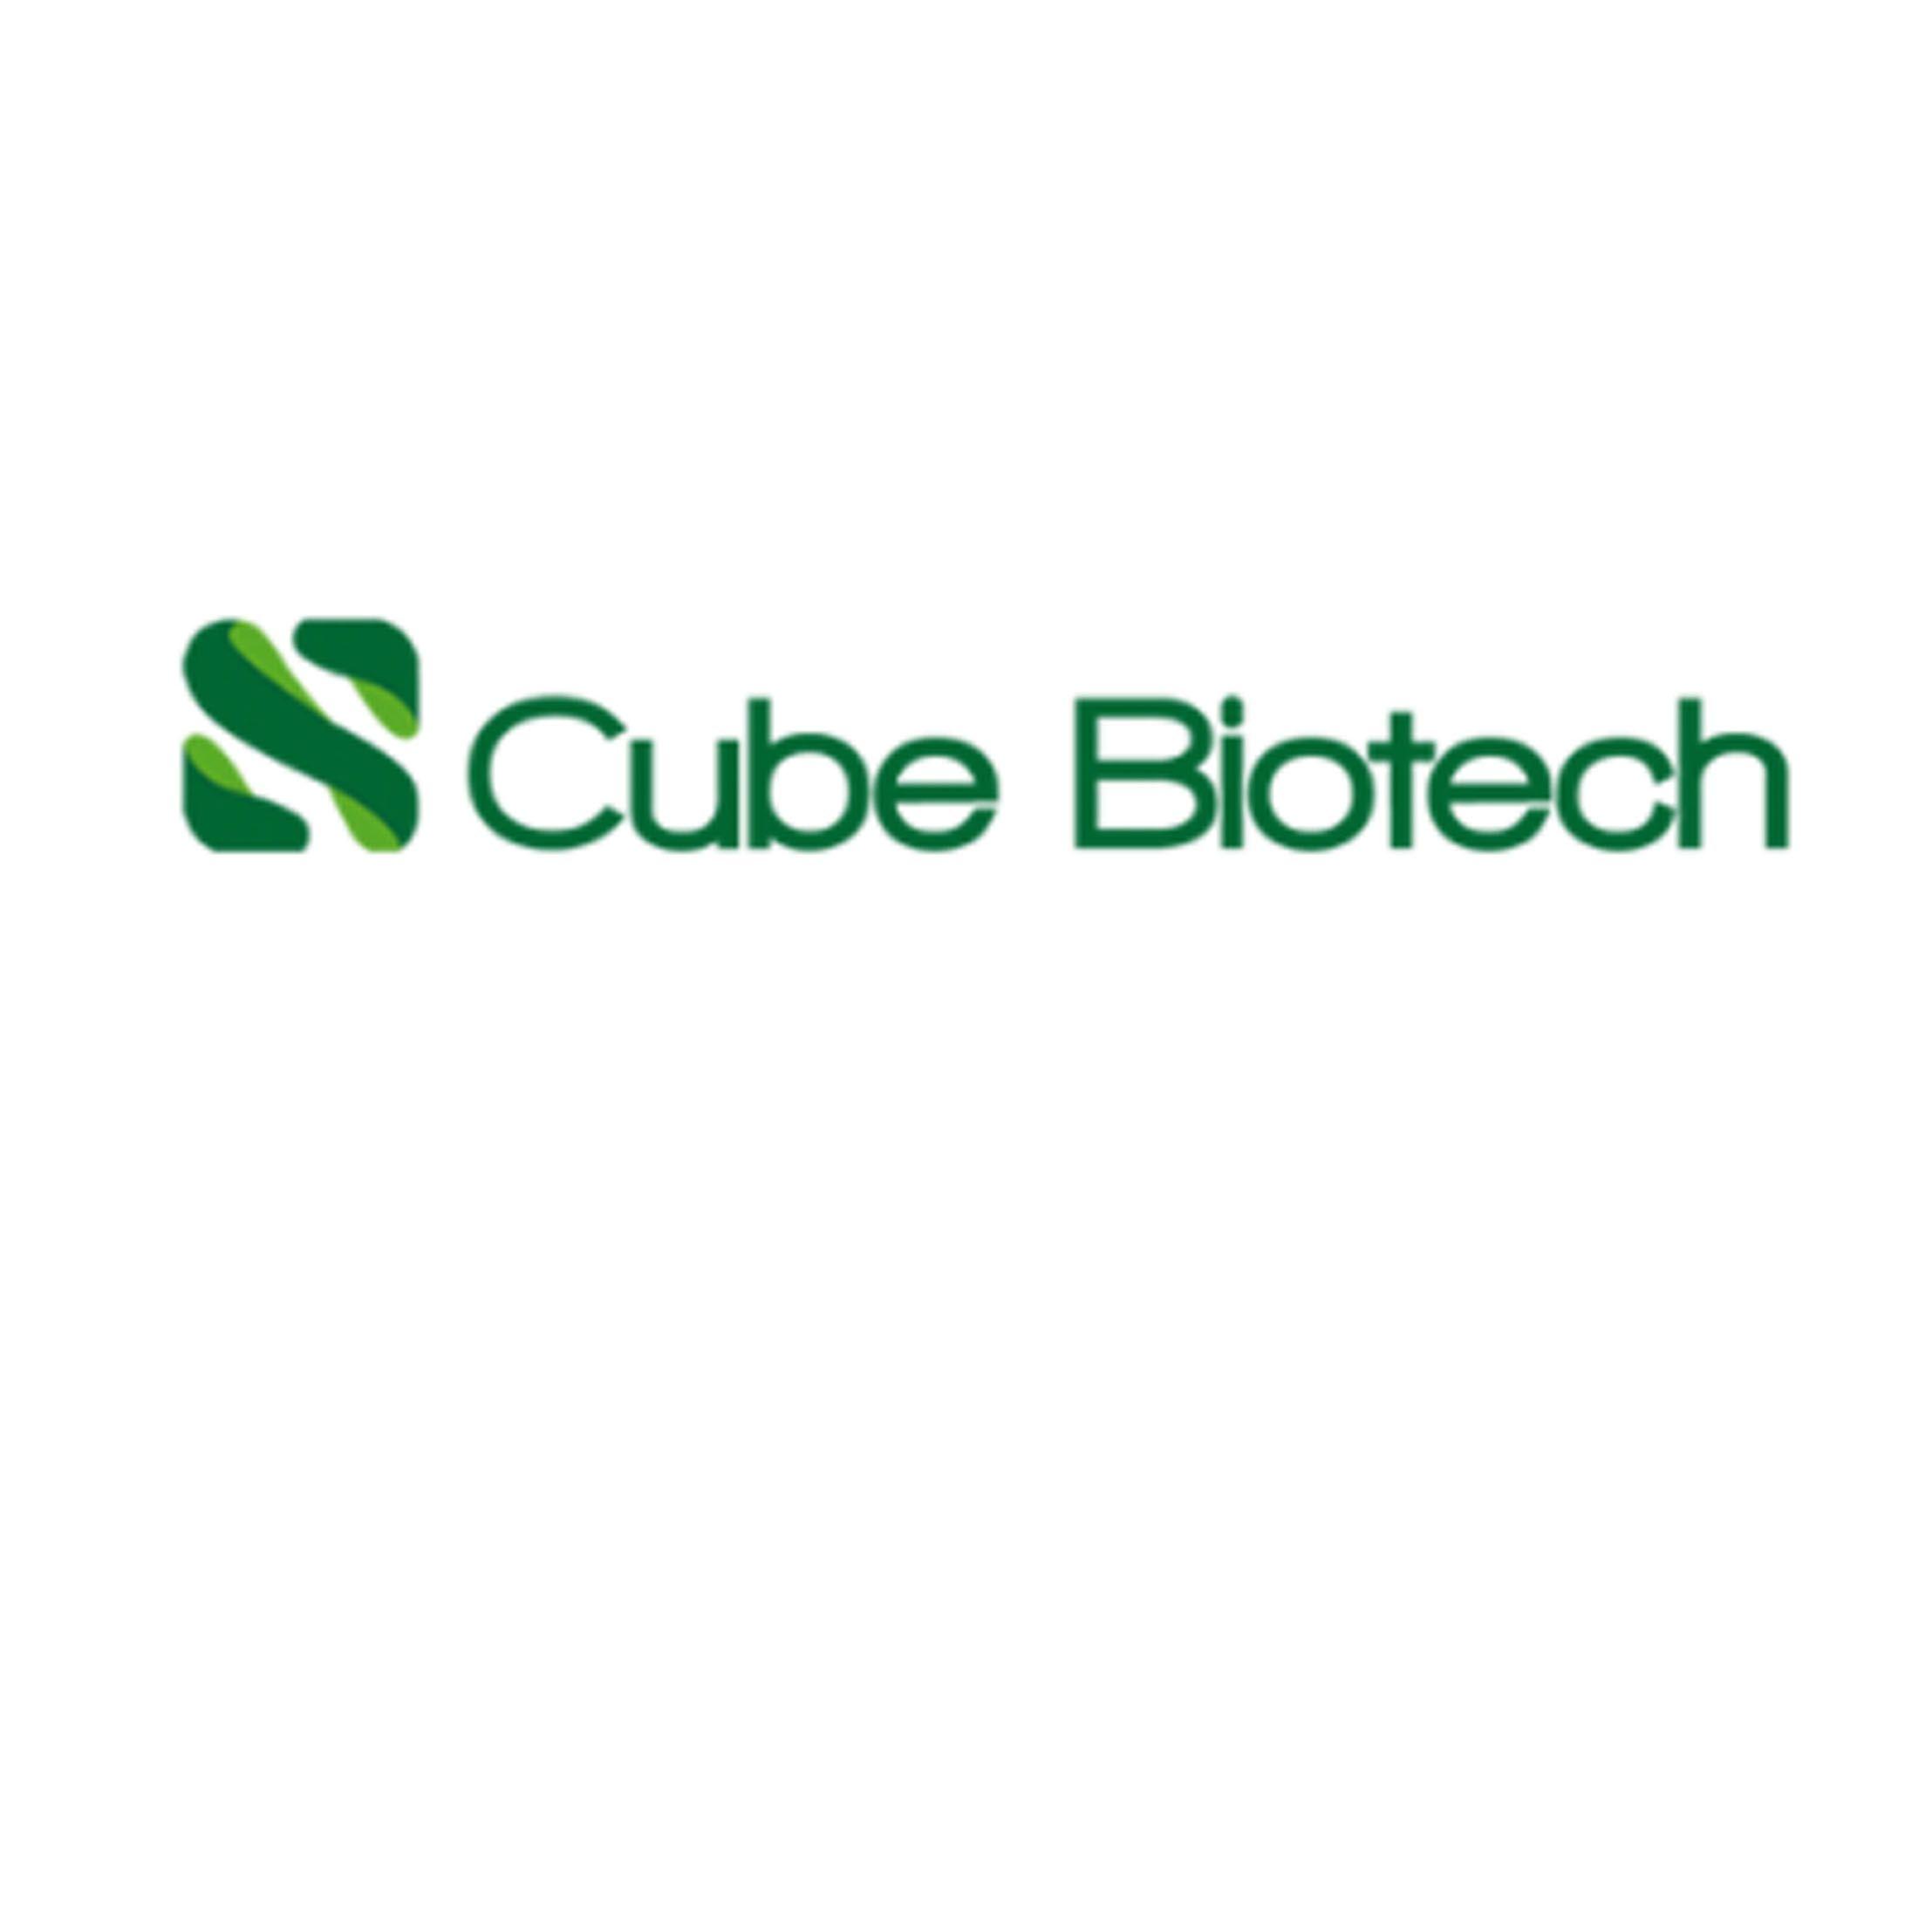 Cube Biotech活化的膜蛋白,Nanodisc,高亲和力的树脂,快速蛋白液相色谱耗材,现货